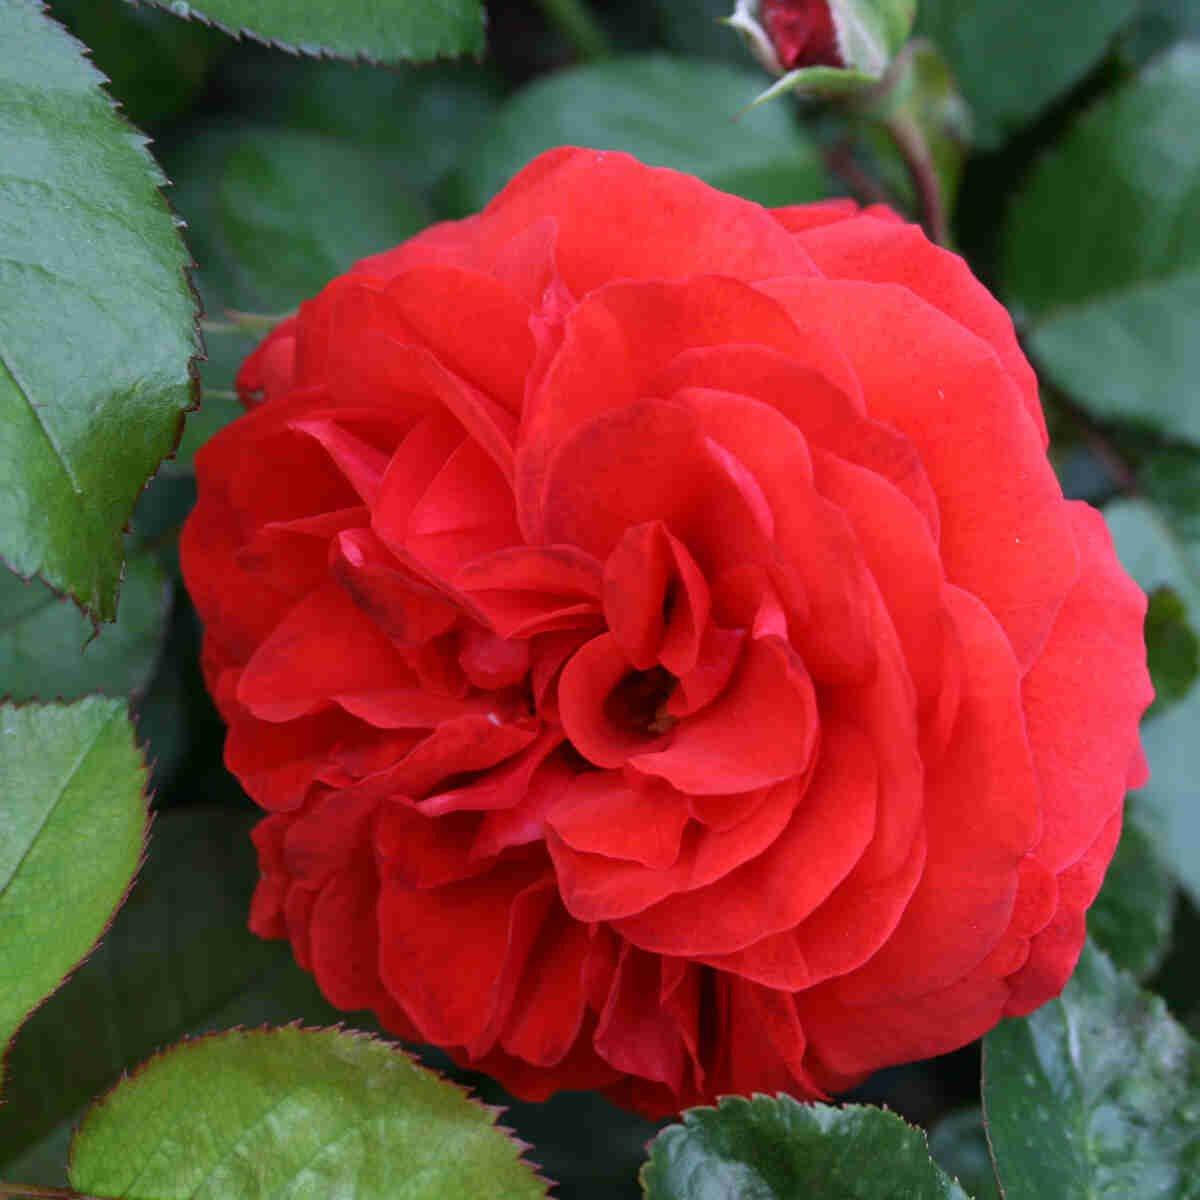 Rose 'Scarlet Bonica'